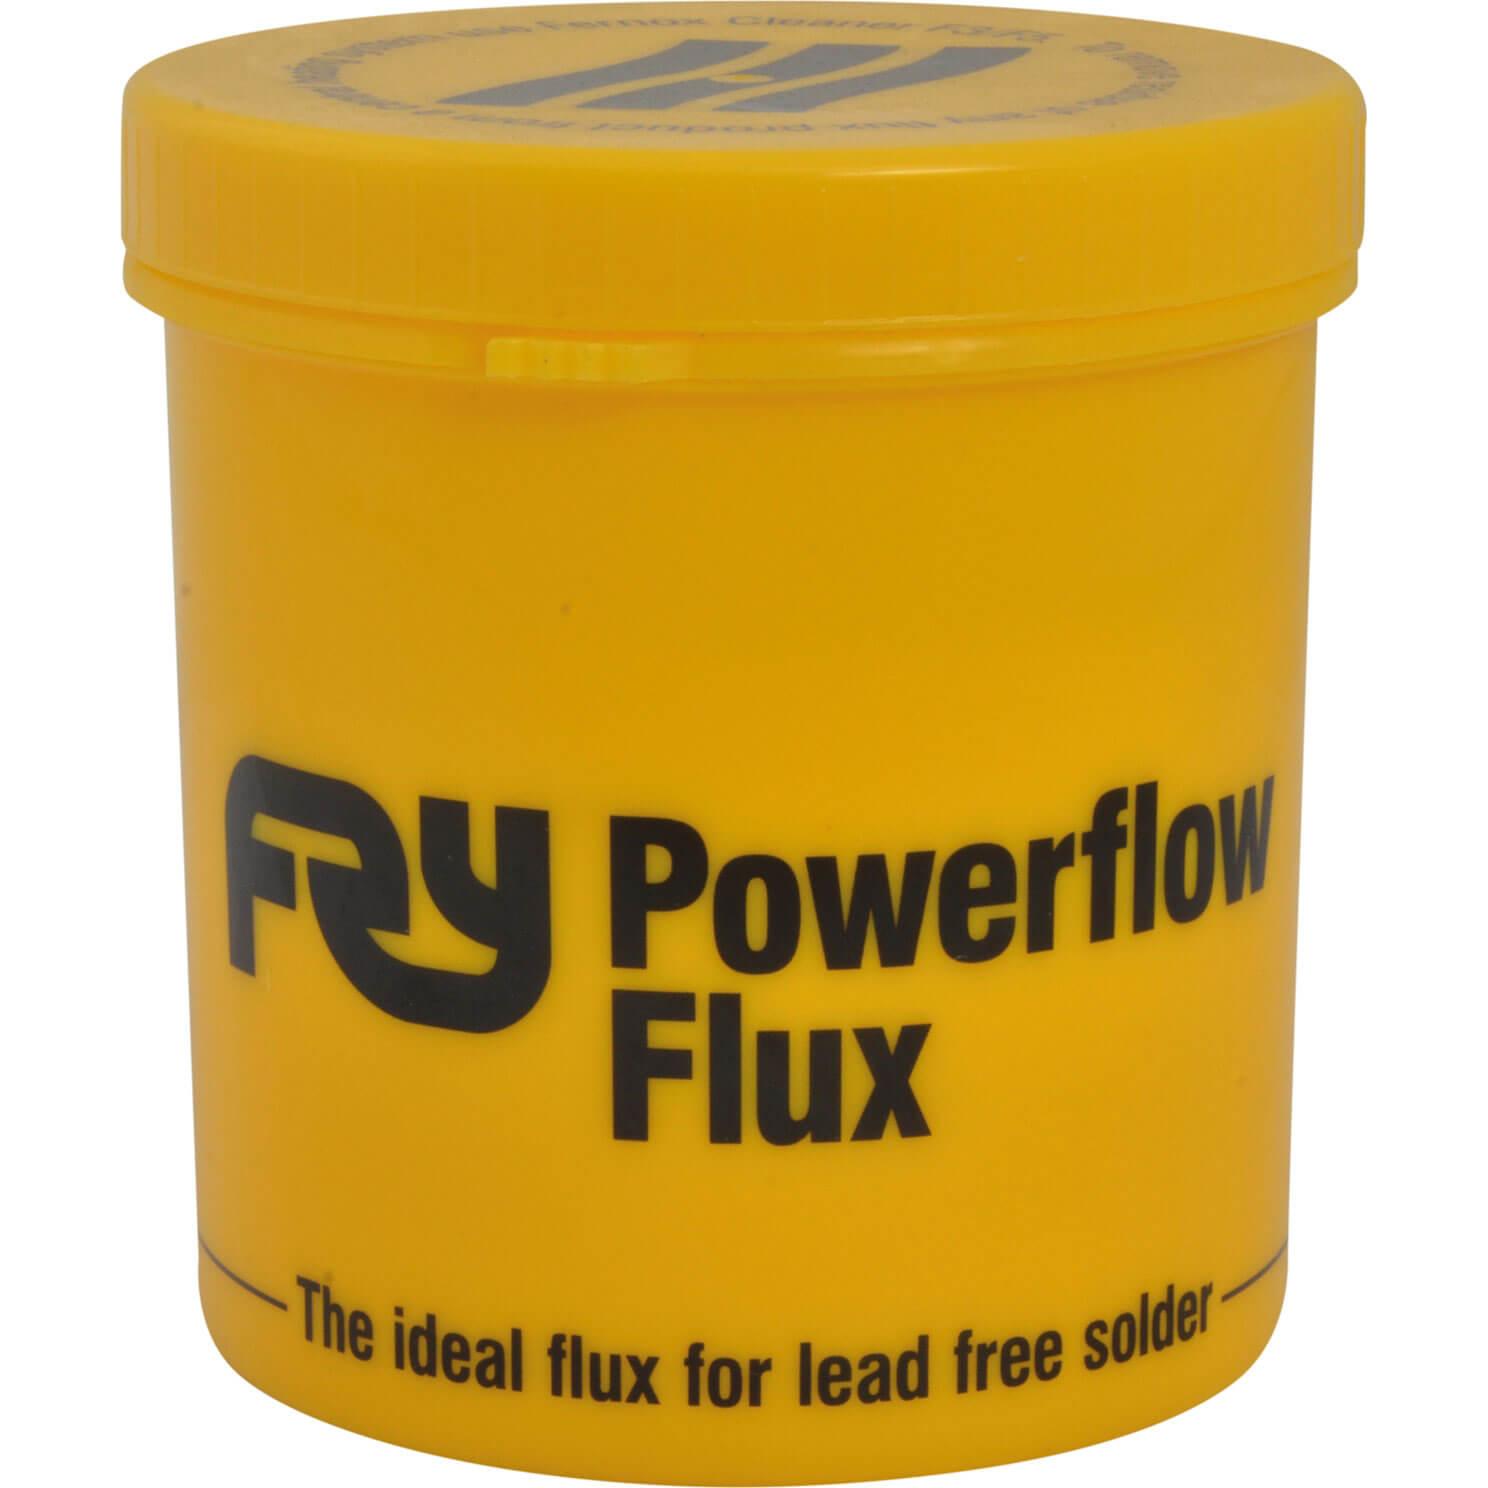 Image of Frys Powerflow Flux 350g